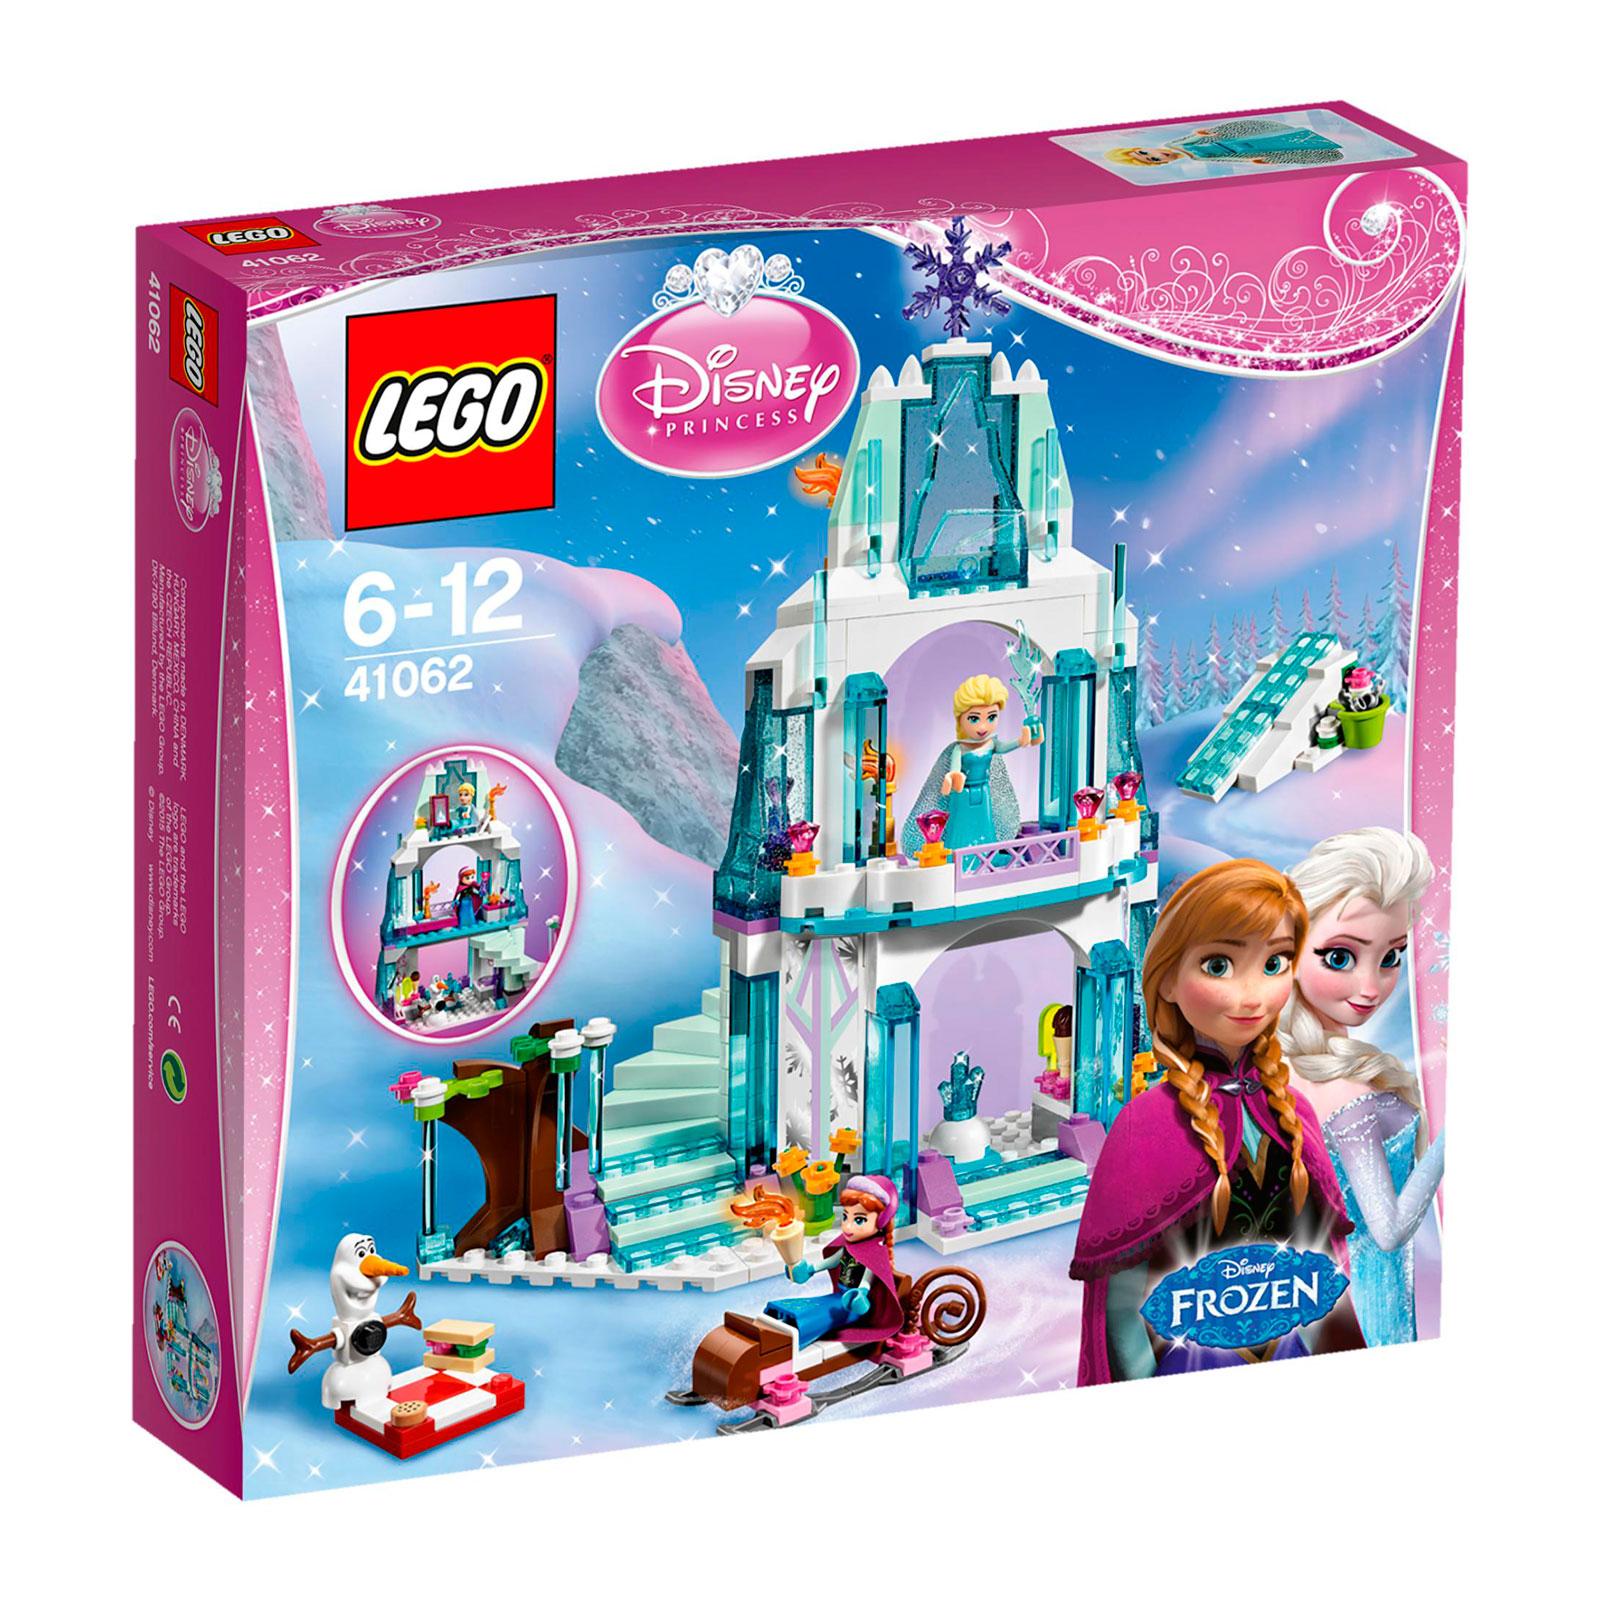 ����������� LEGO Princess 41062 ������� ����� �����